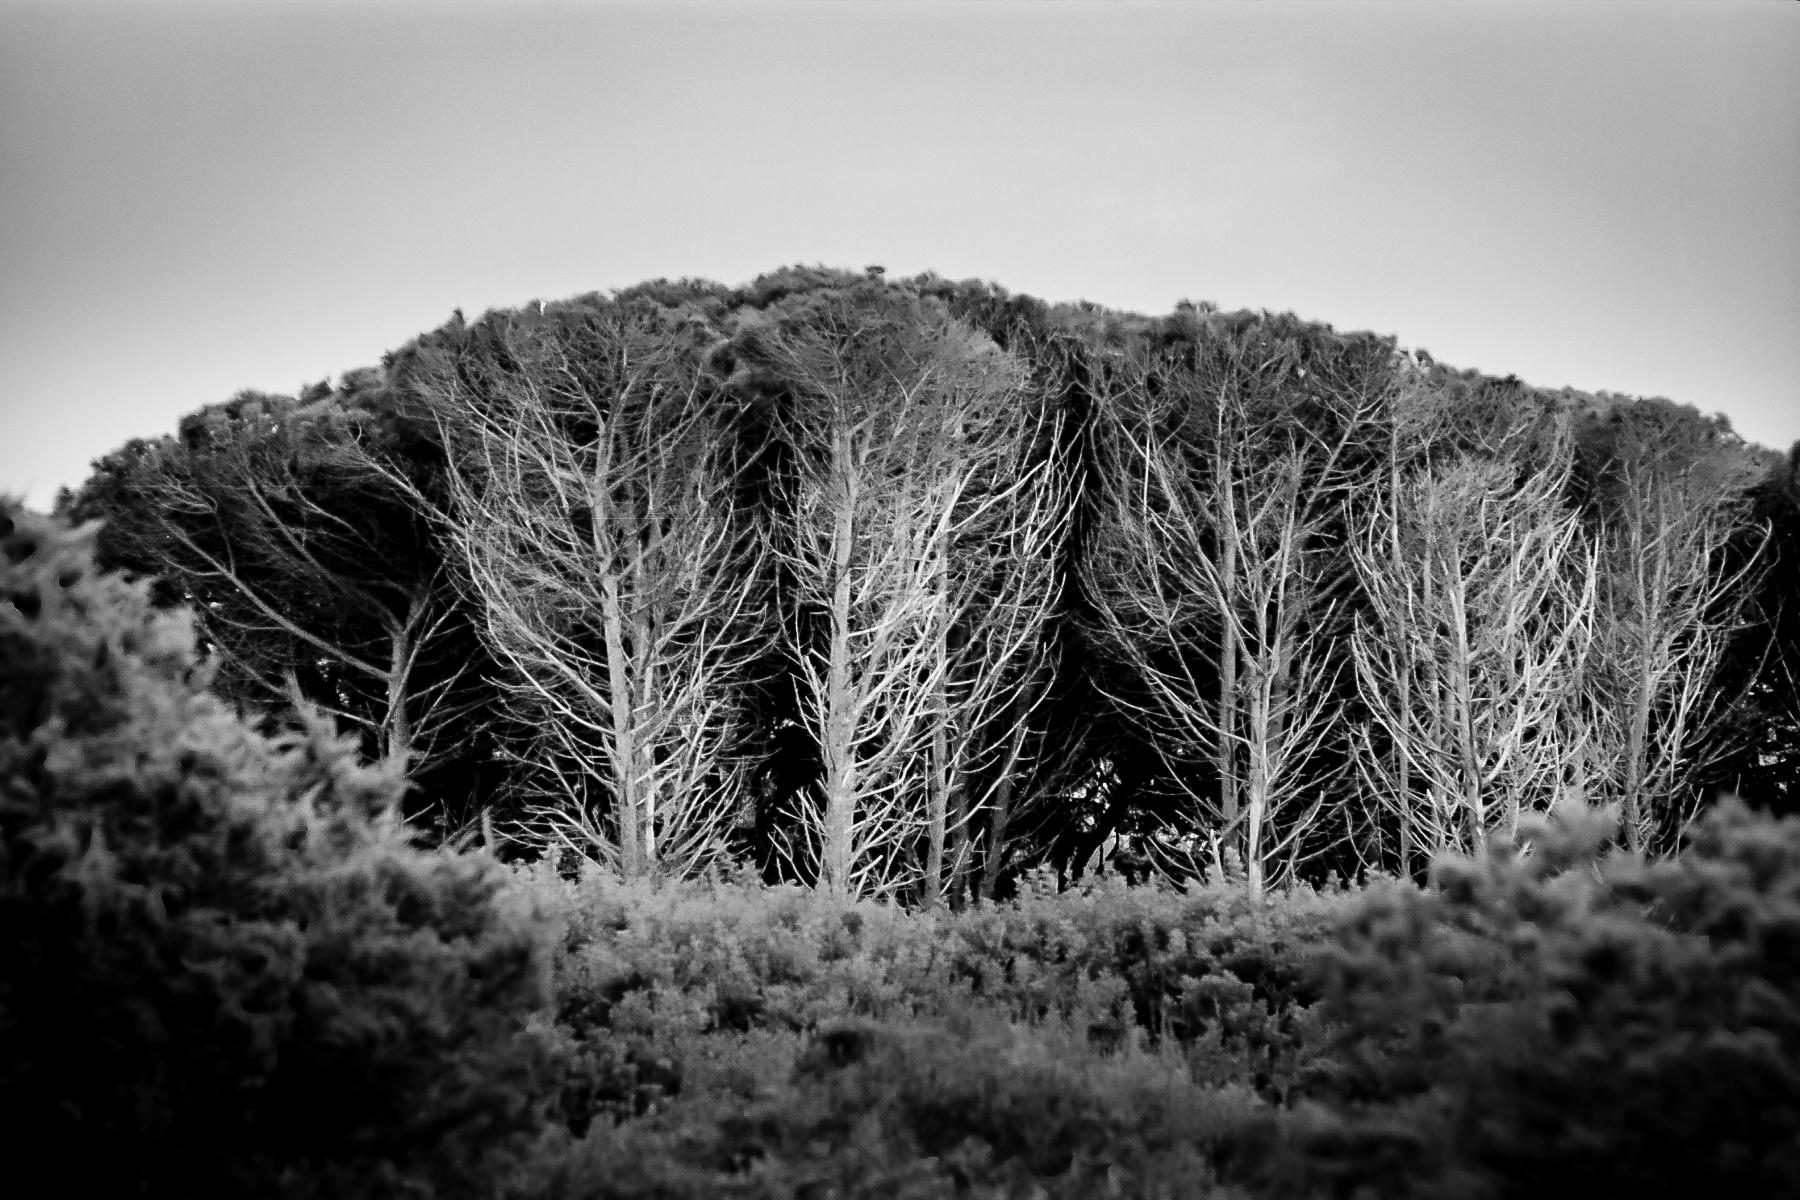 le colonne del mondo, gli alberi sono le colonne del mondo, quando gli ultimi alberi saranno stati tagliati, il cielo cadrà sopra di noi. proverbio degli indiani nativi d'america - tribù dei sioux